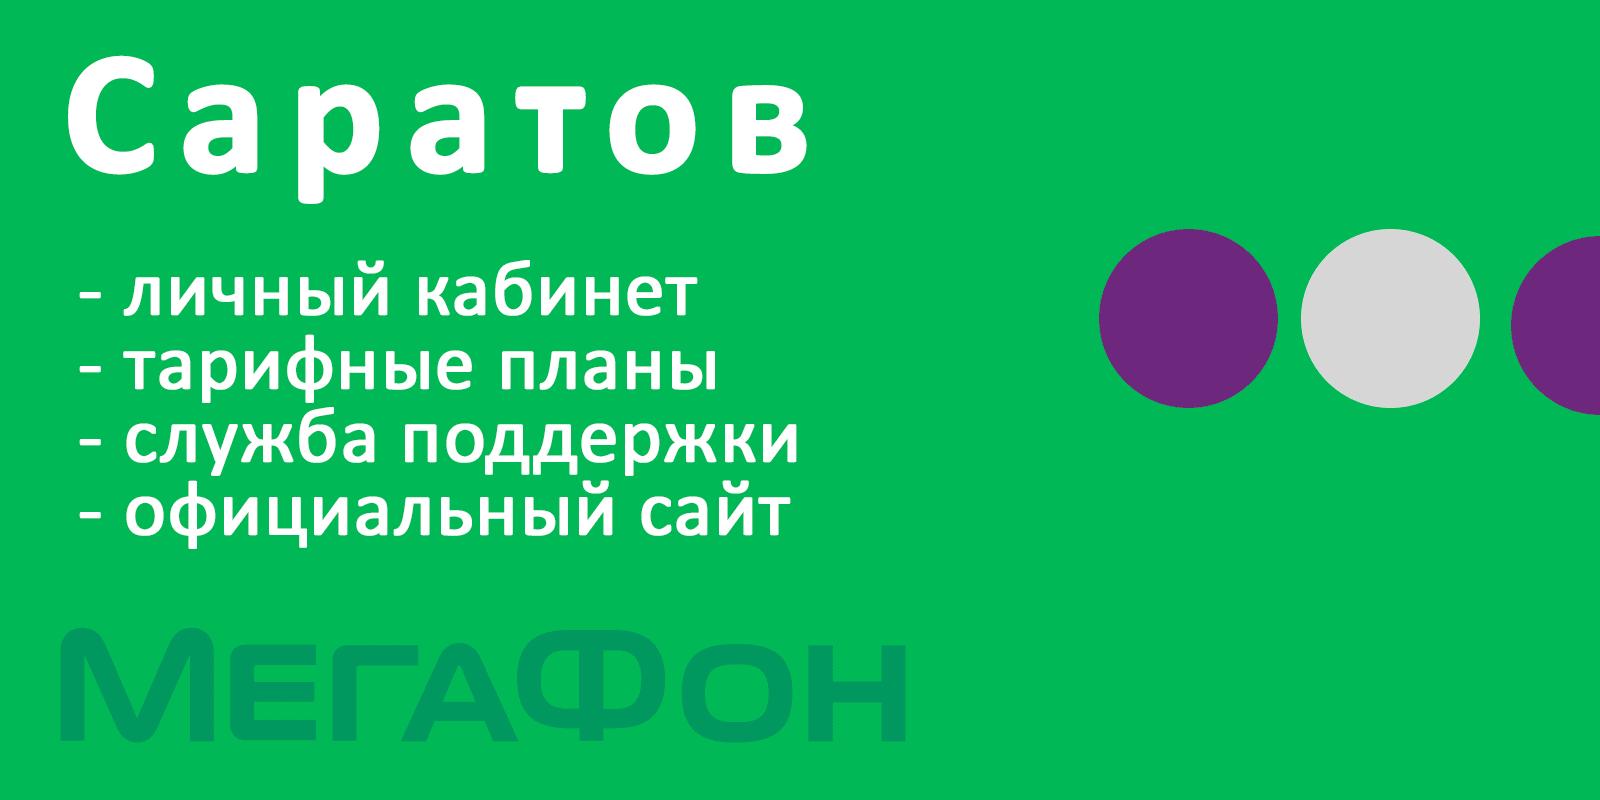 Мегафон Саратов и Саратовская область - личный кабинет, тарифы, официальный сайт